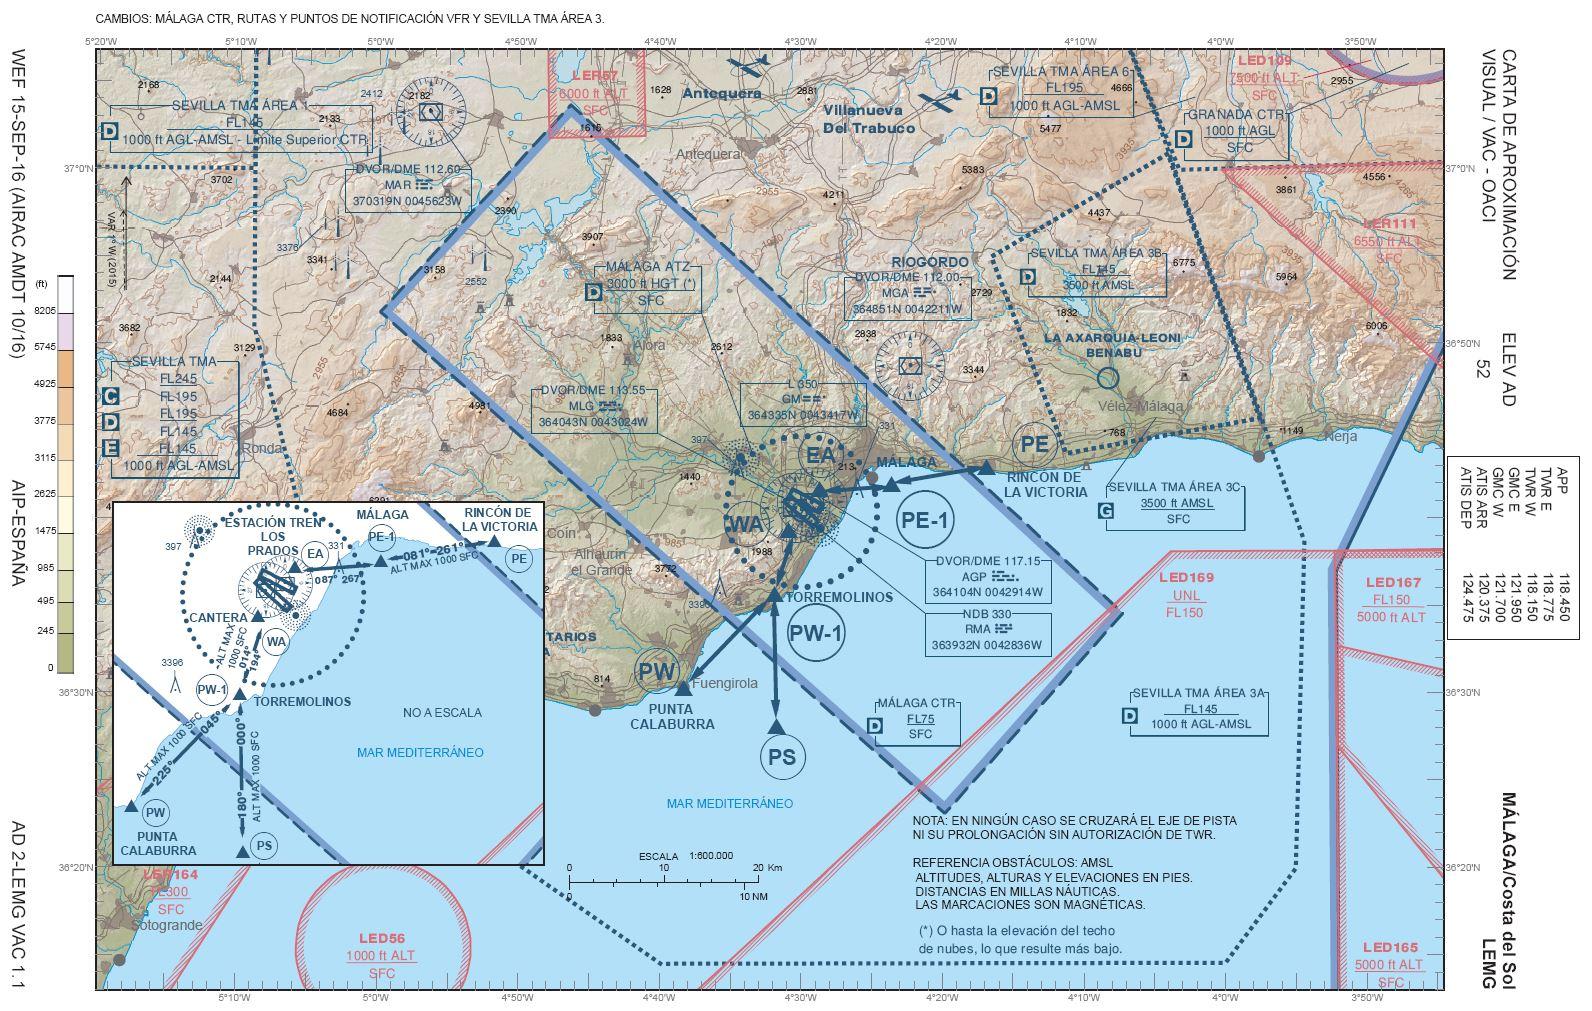 Nuevo CTR de Málaga, que entra en vigor el 15 de septiembre 2016